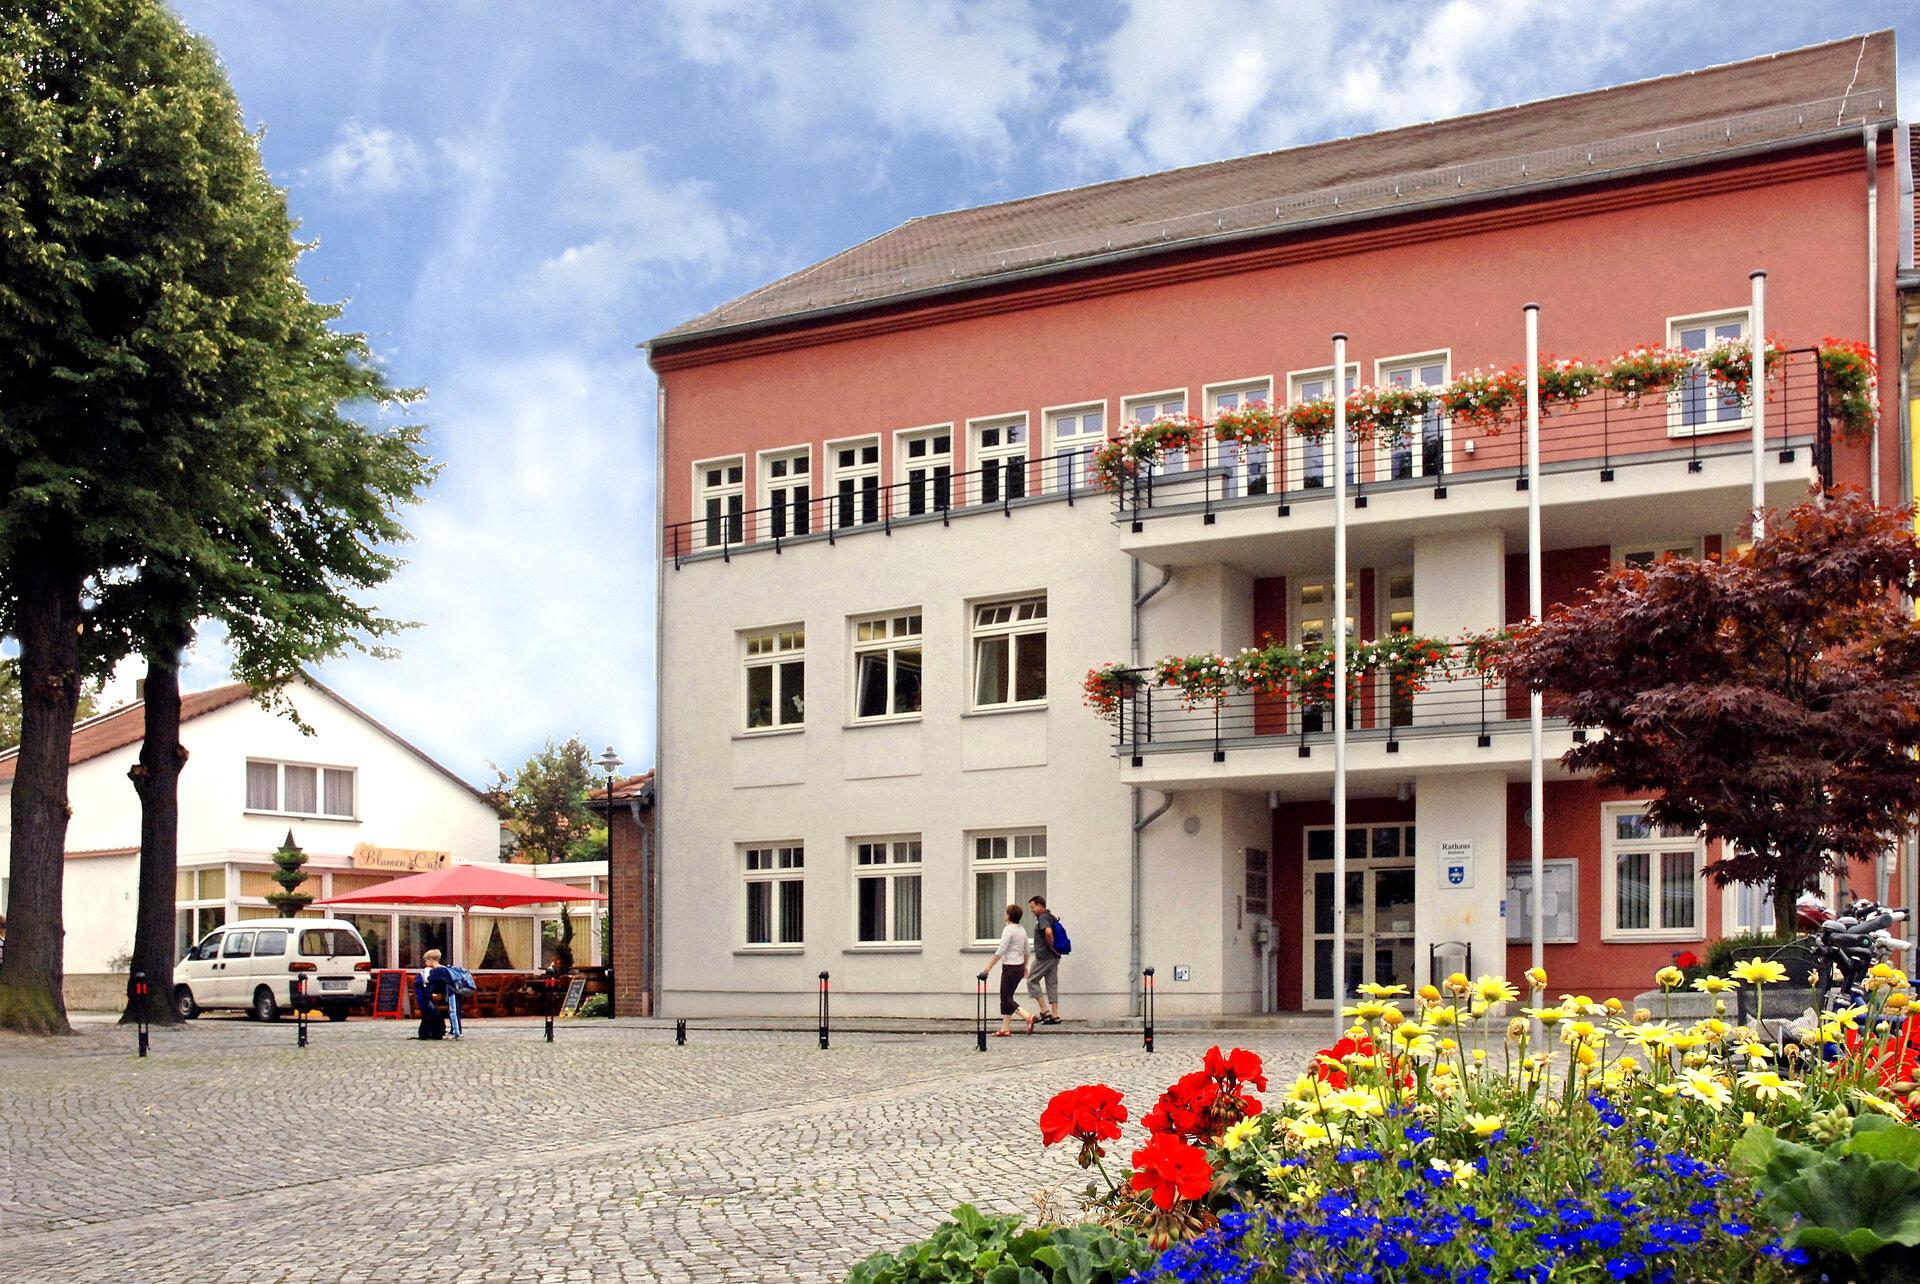 Rathaus der Stadt Lübbenau/Spreewald, Quelle: Stadt Lübbenau/Spreewald